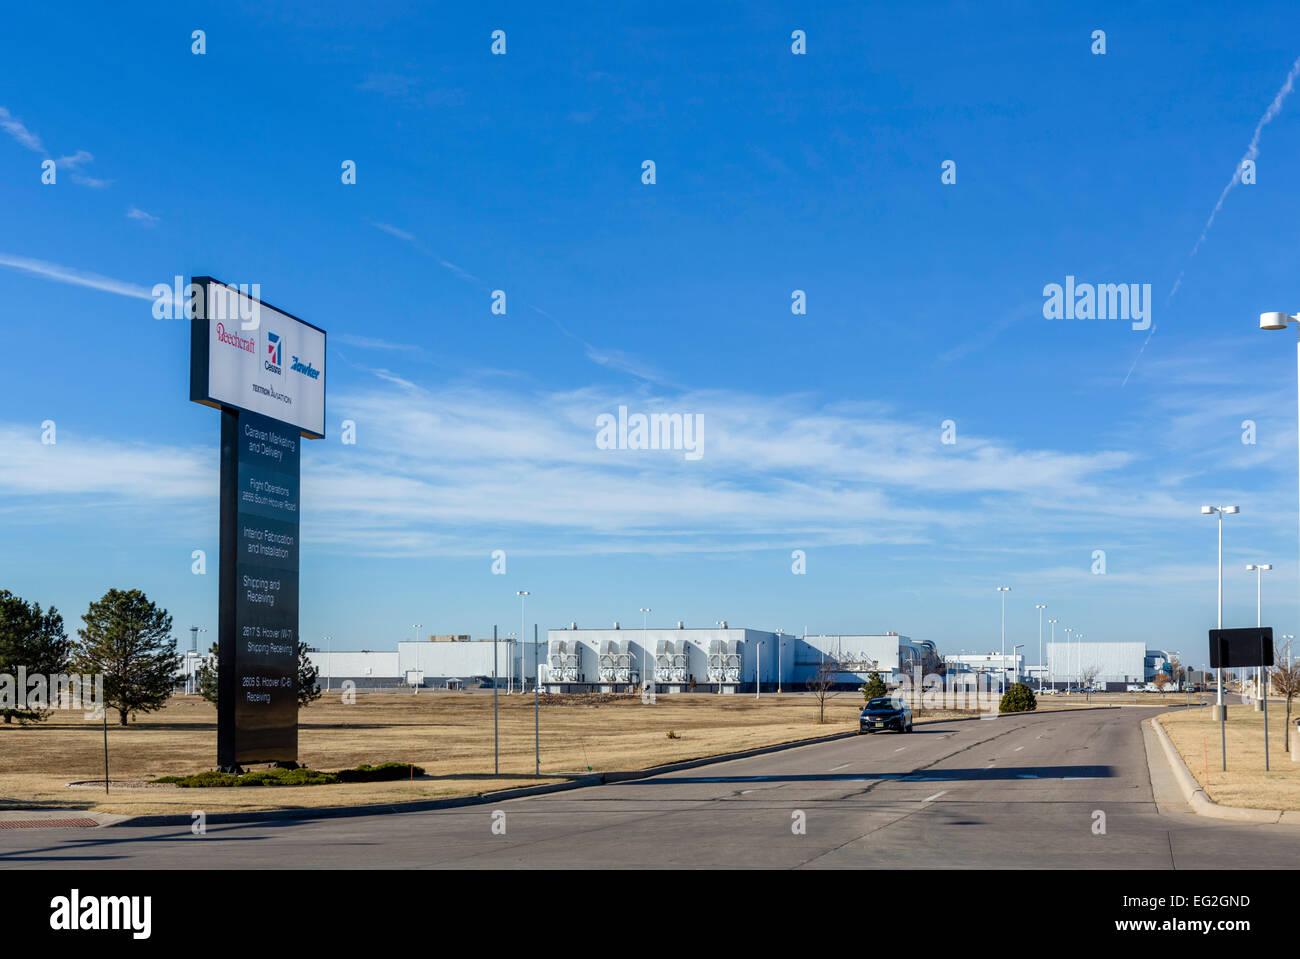 Wichita Kansas Stock Photos & Wichita Kansas Stock Images